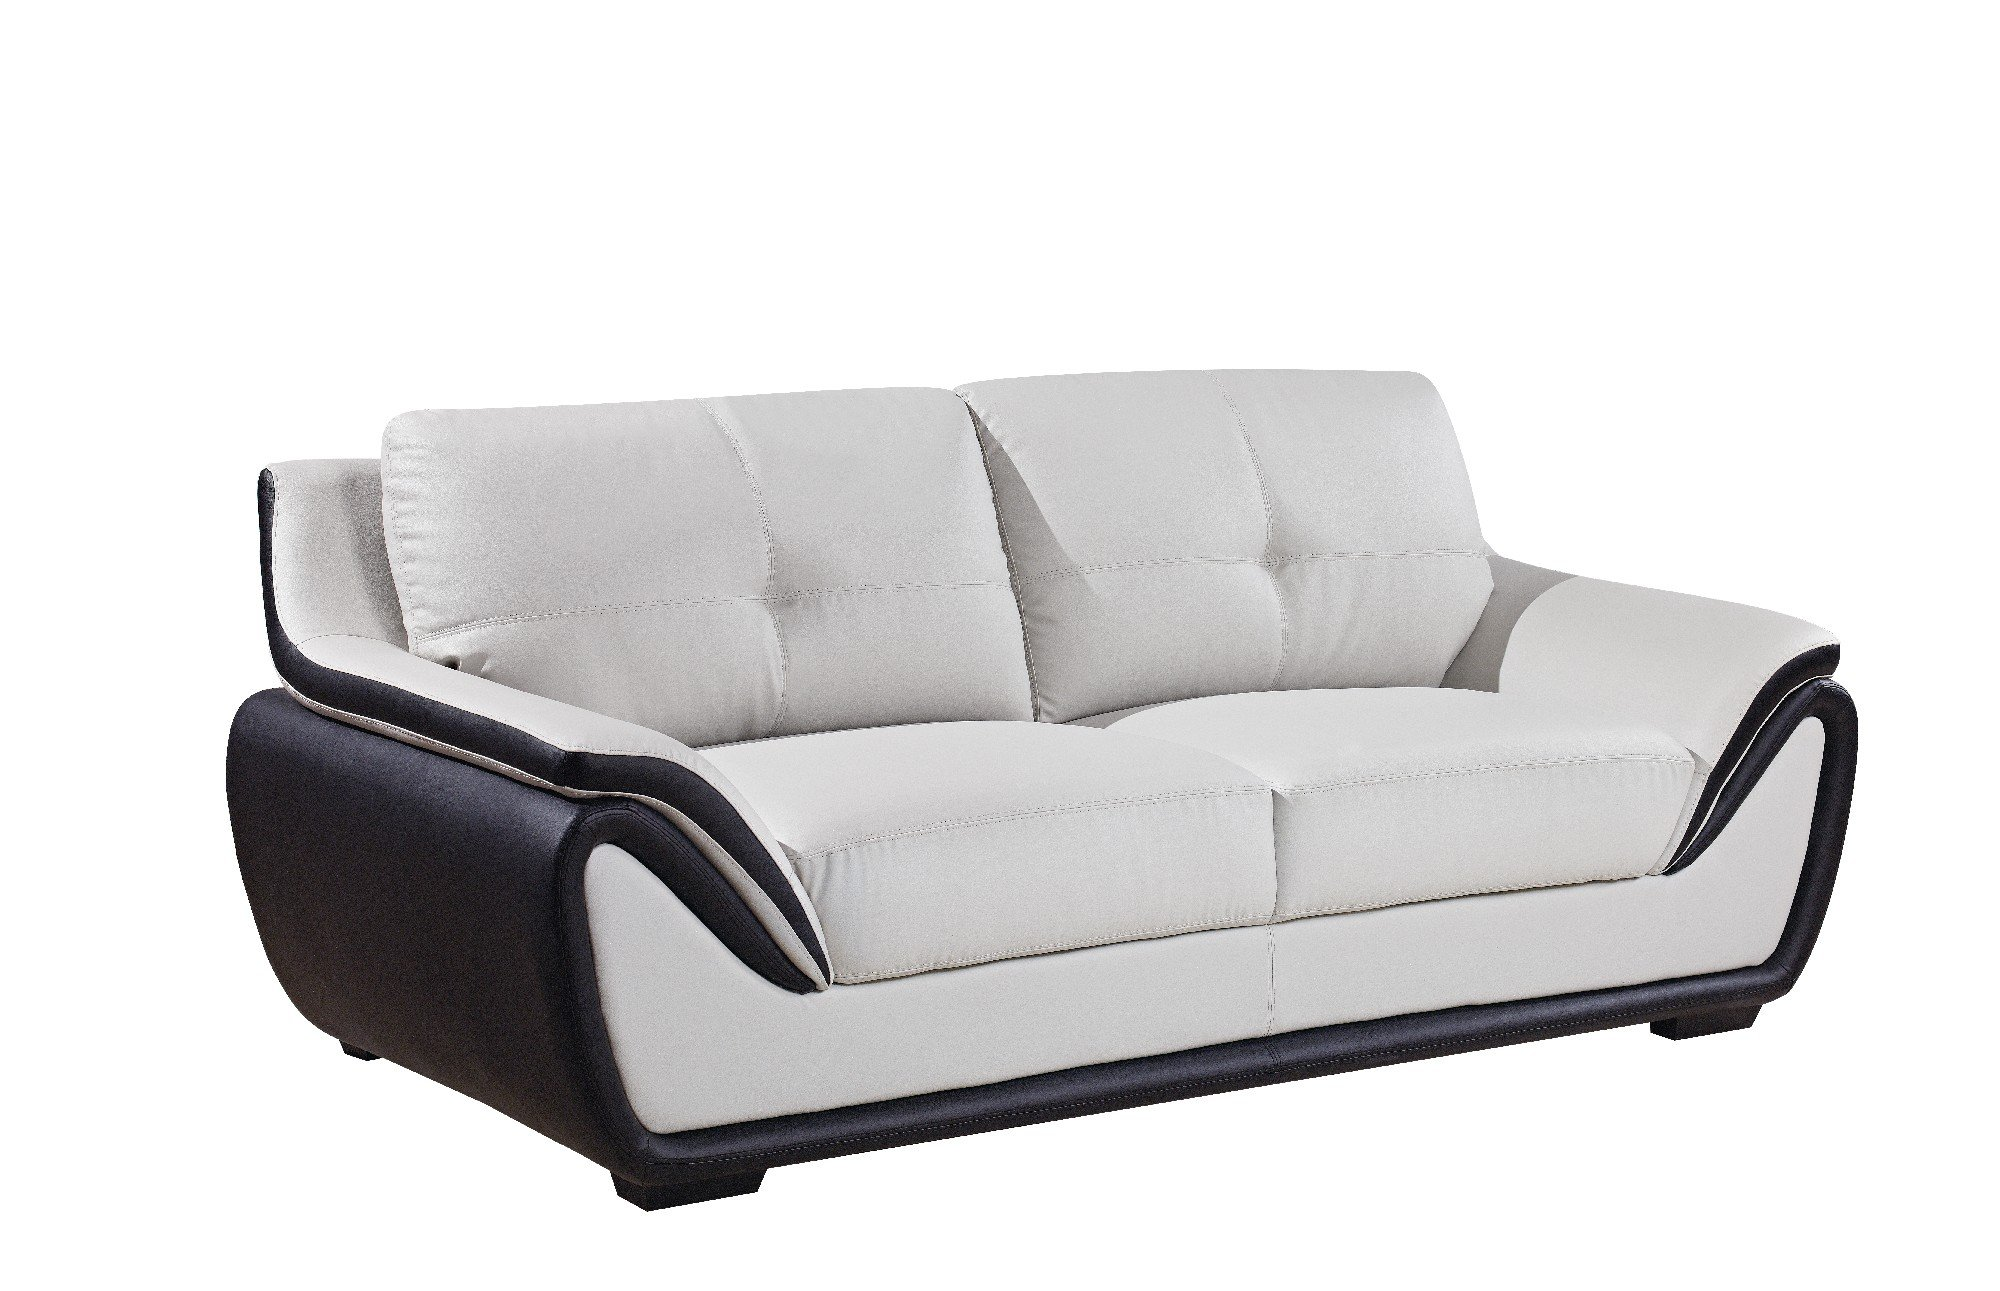 u3250 light grey black sofa by global furniture. Black Bedroom Furniture Sets. Home Design Ideas